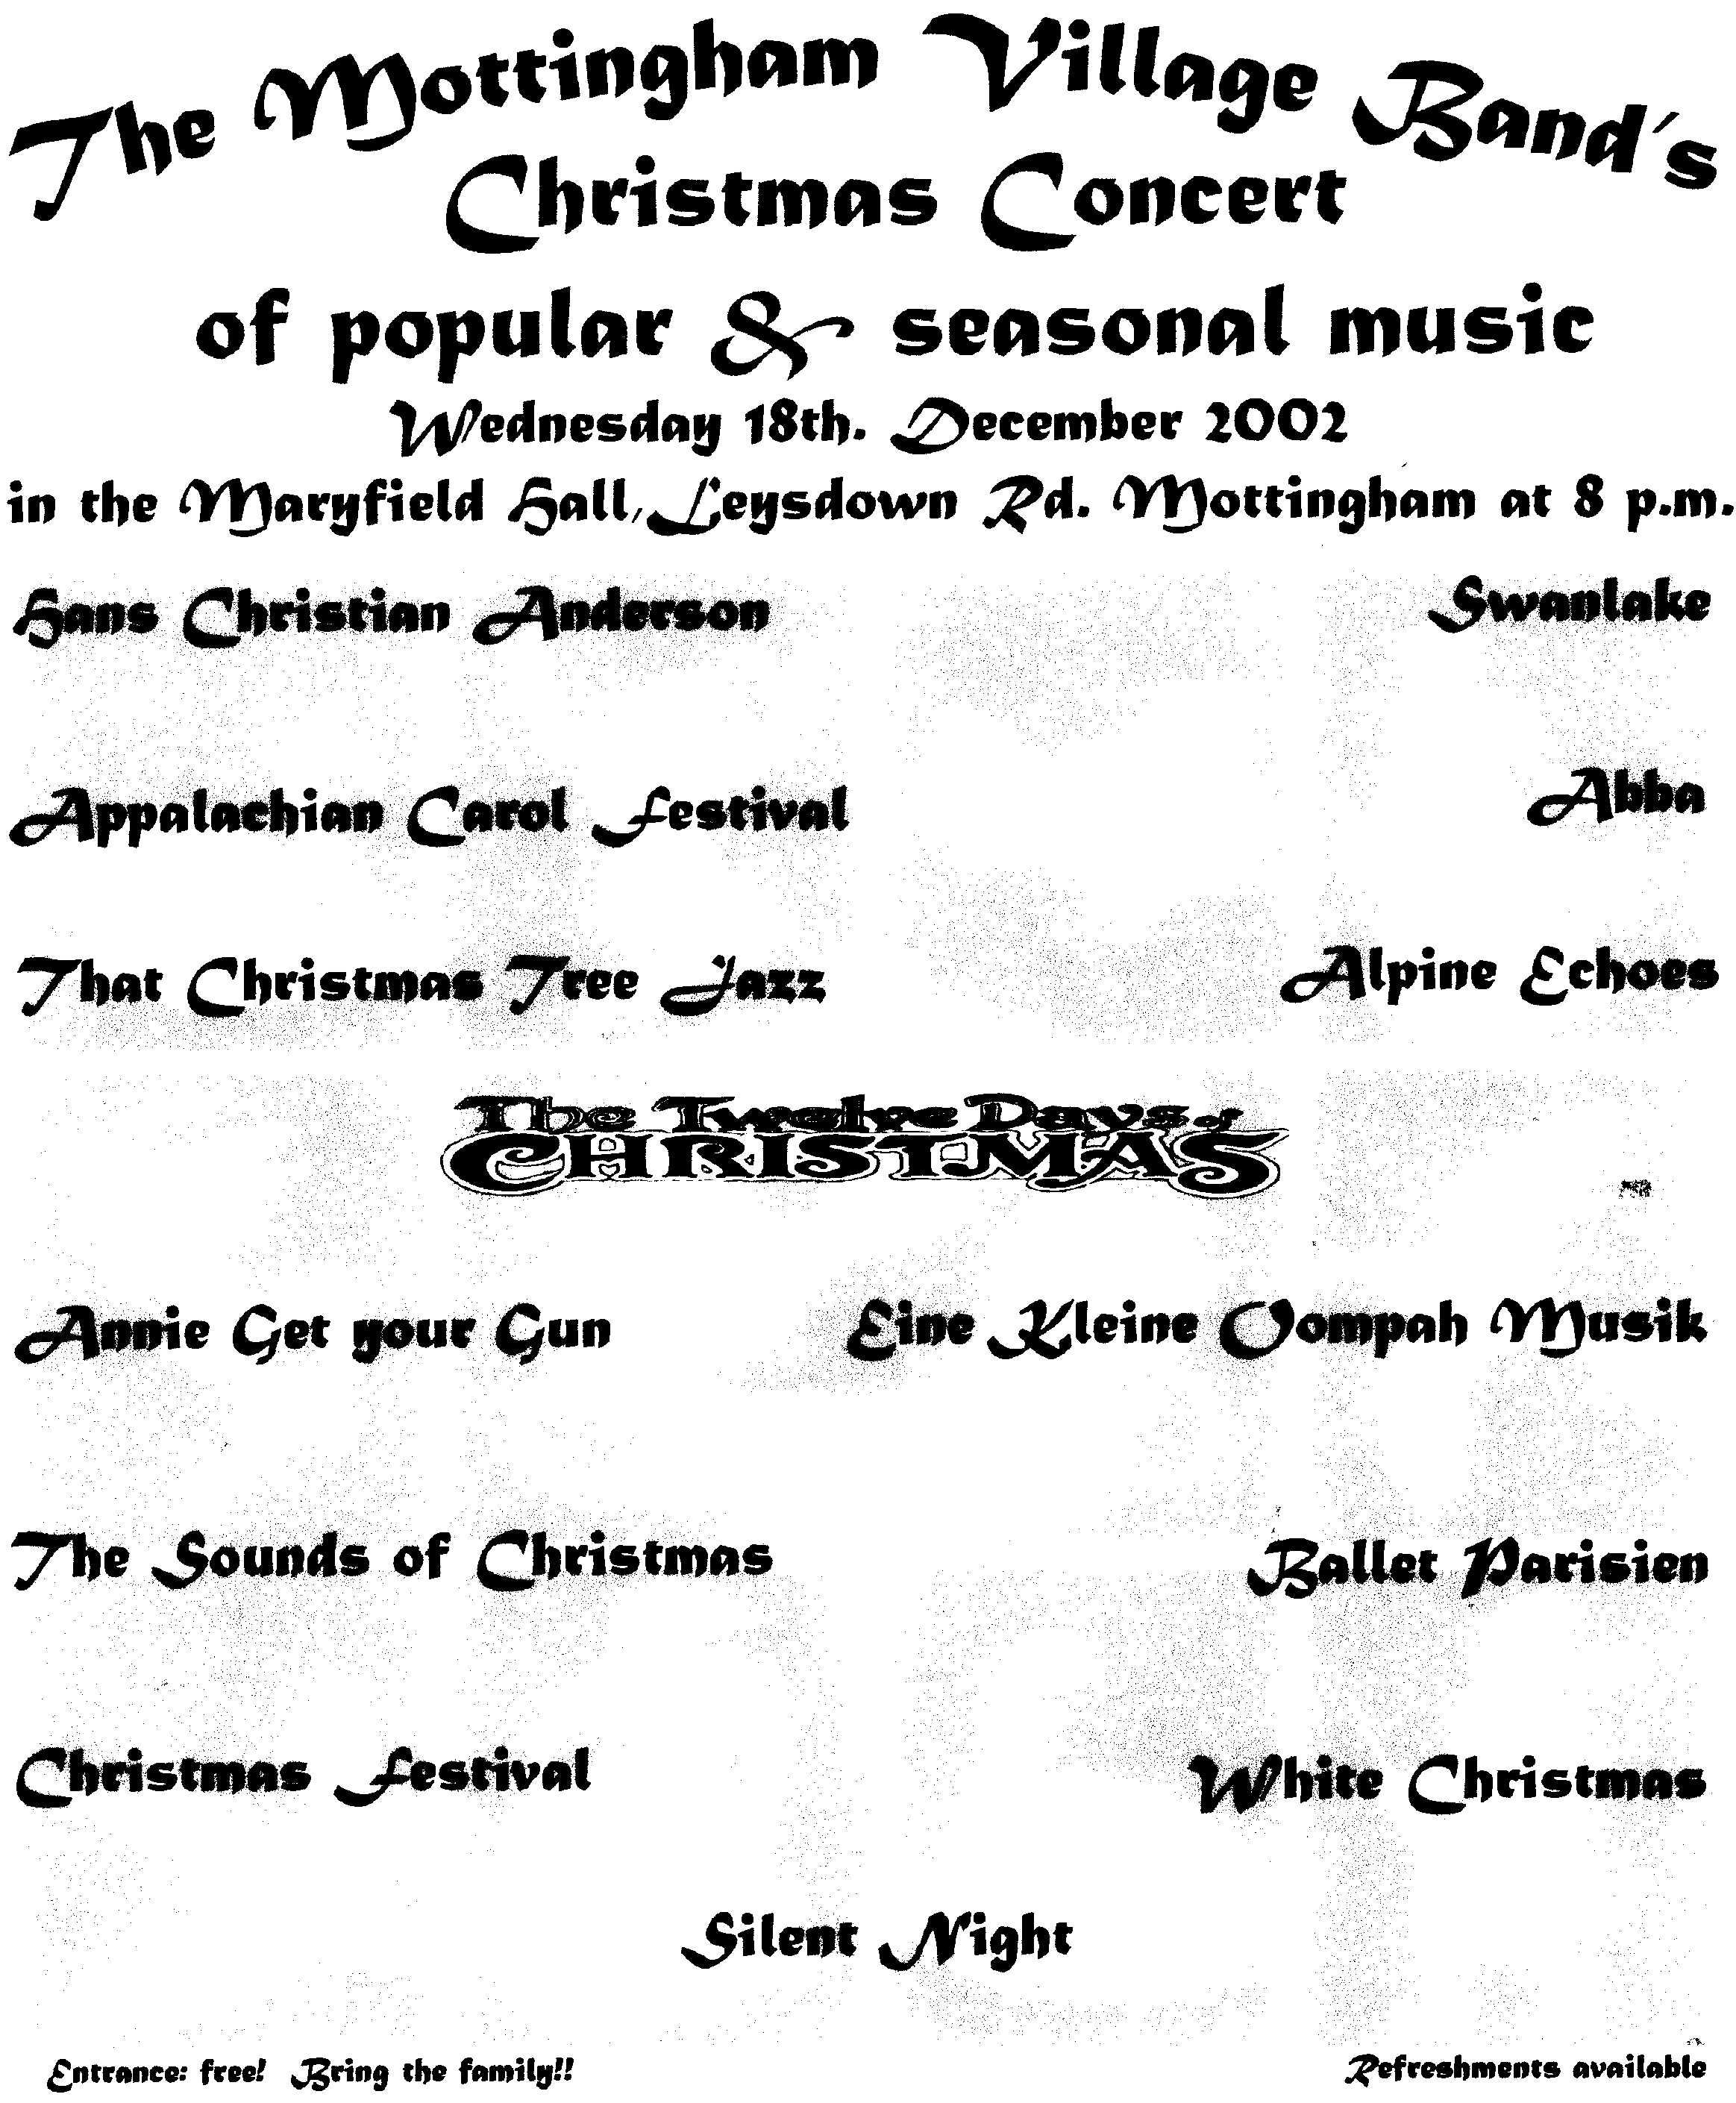 2002 Christmas flier.jpg